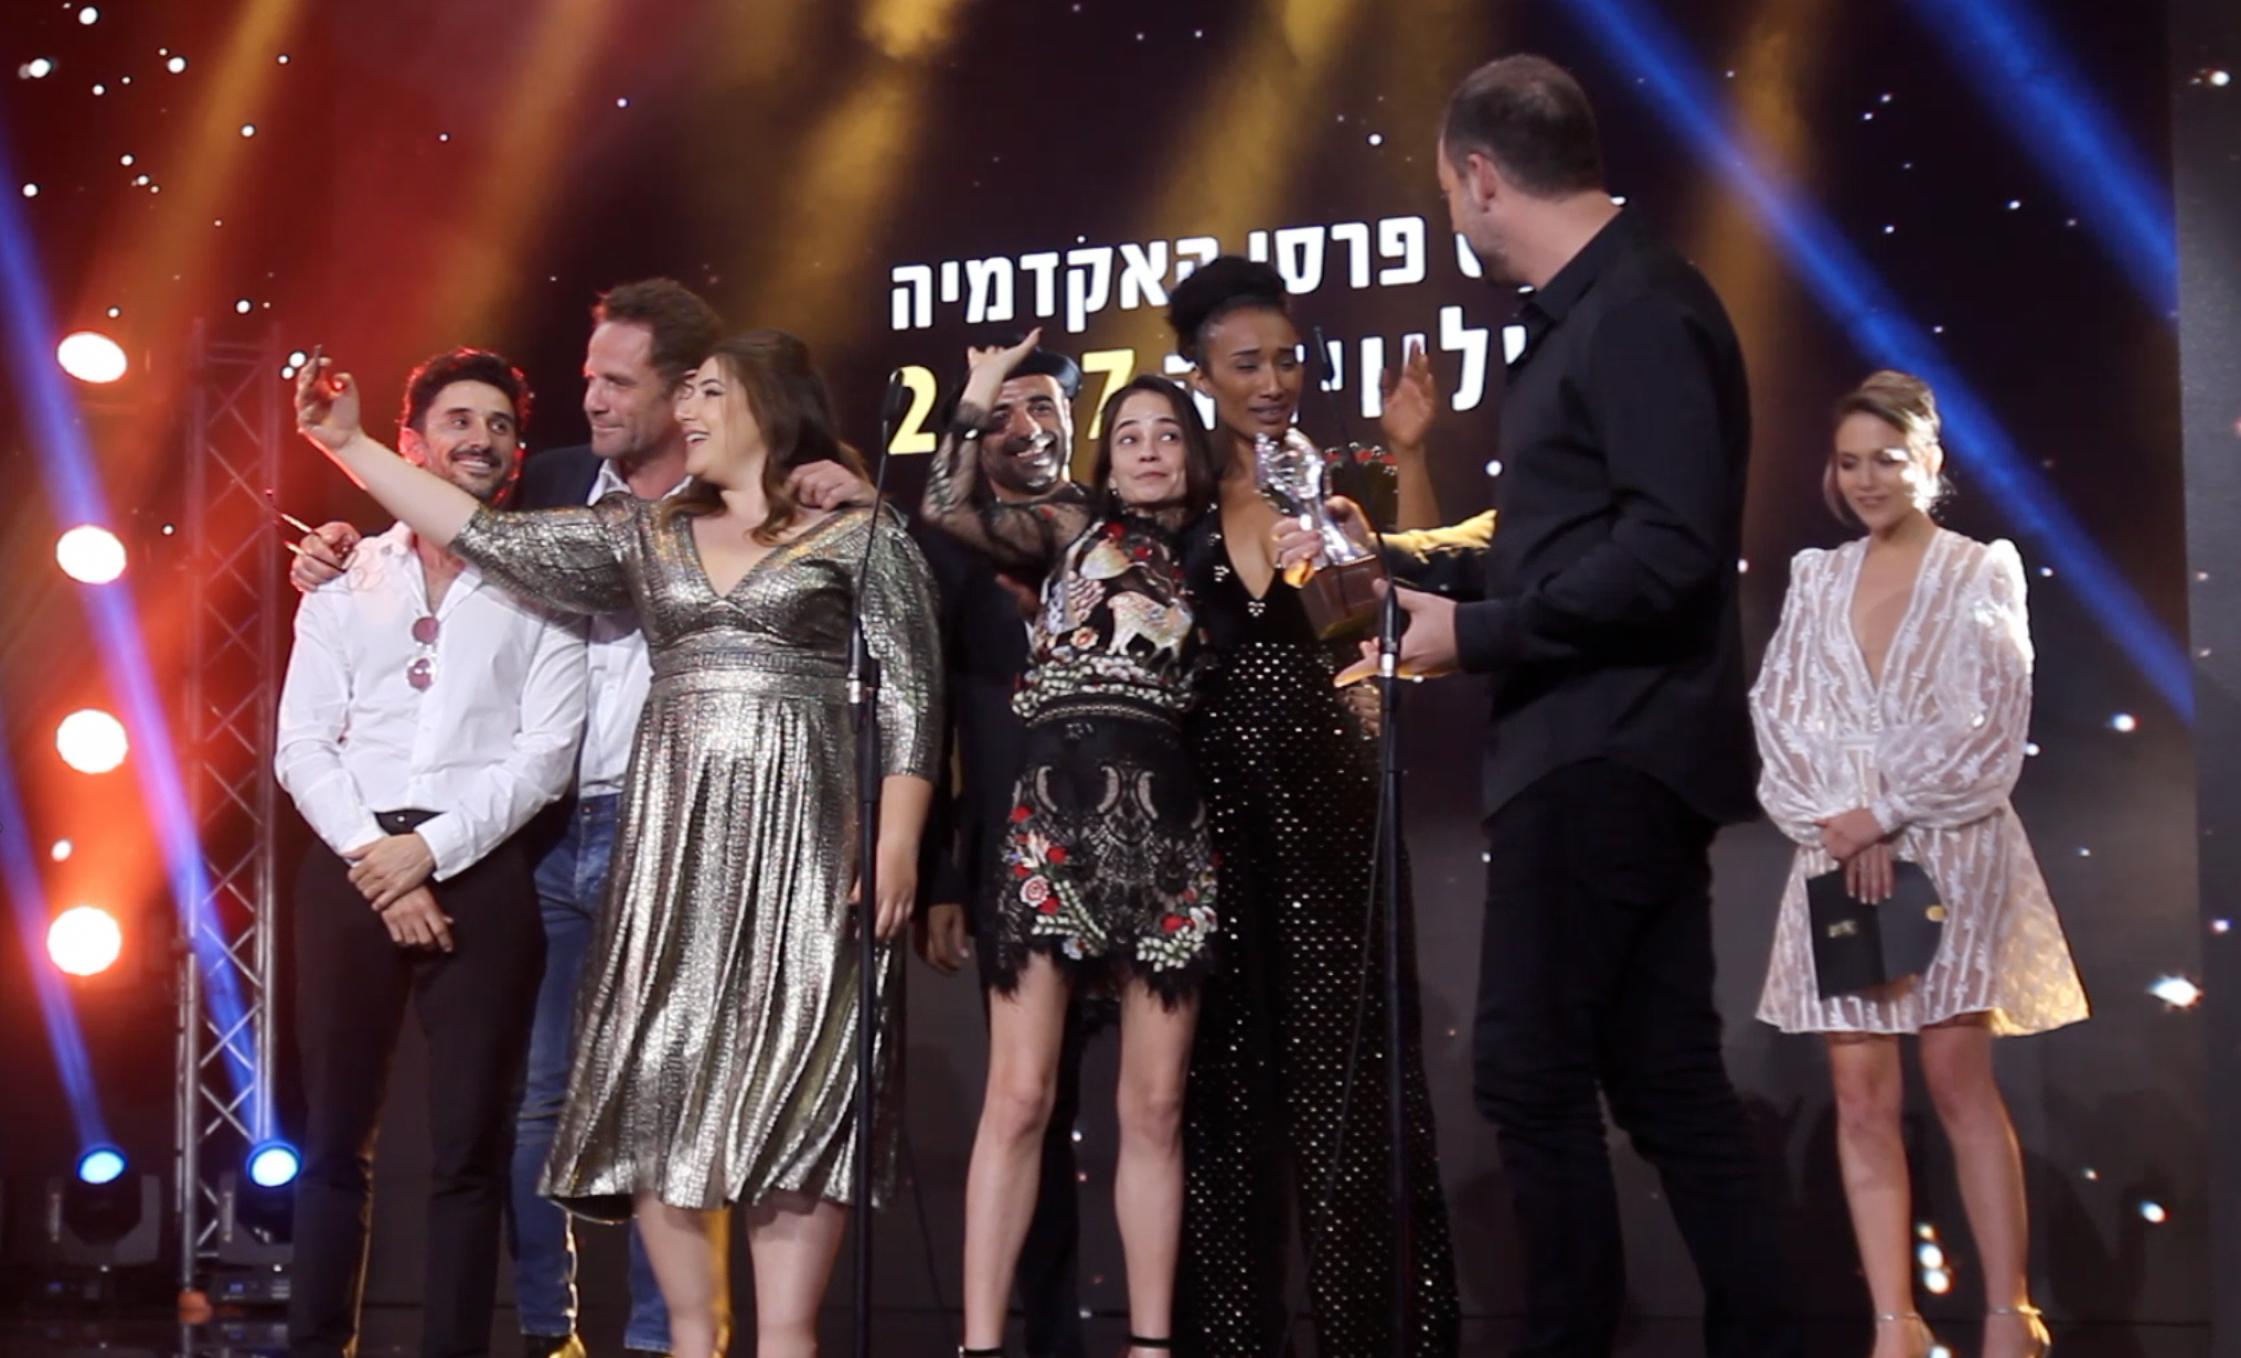 כוכבי מטומטמת בטקס פרסי האקדמיה